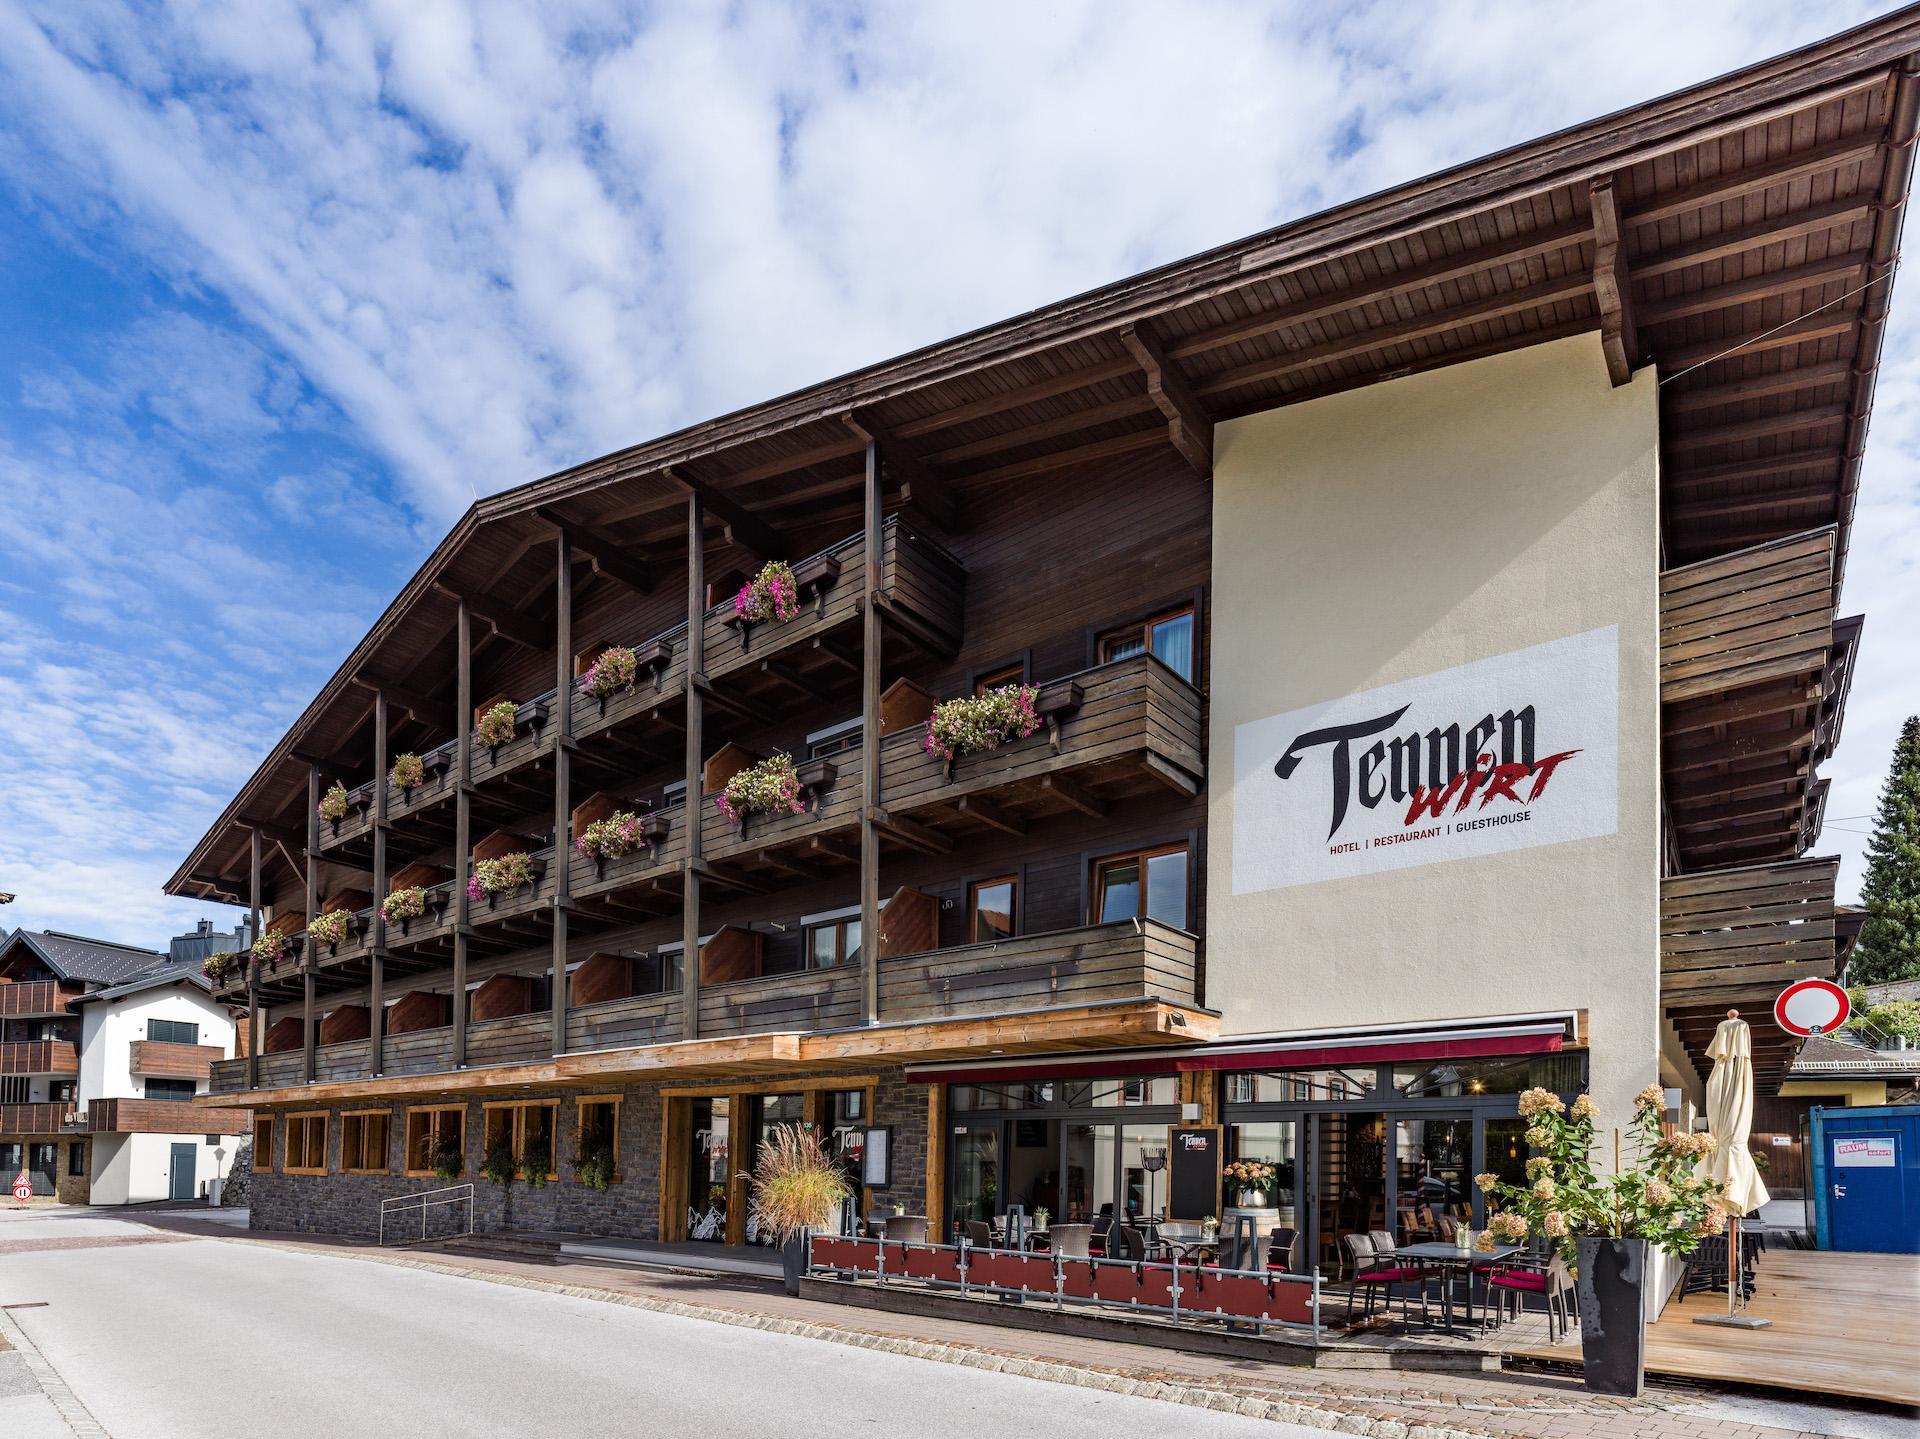 Tennenwirt Guesthouse #Willkommen#Hotel#Bildergalerie